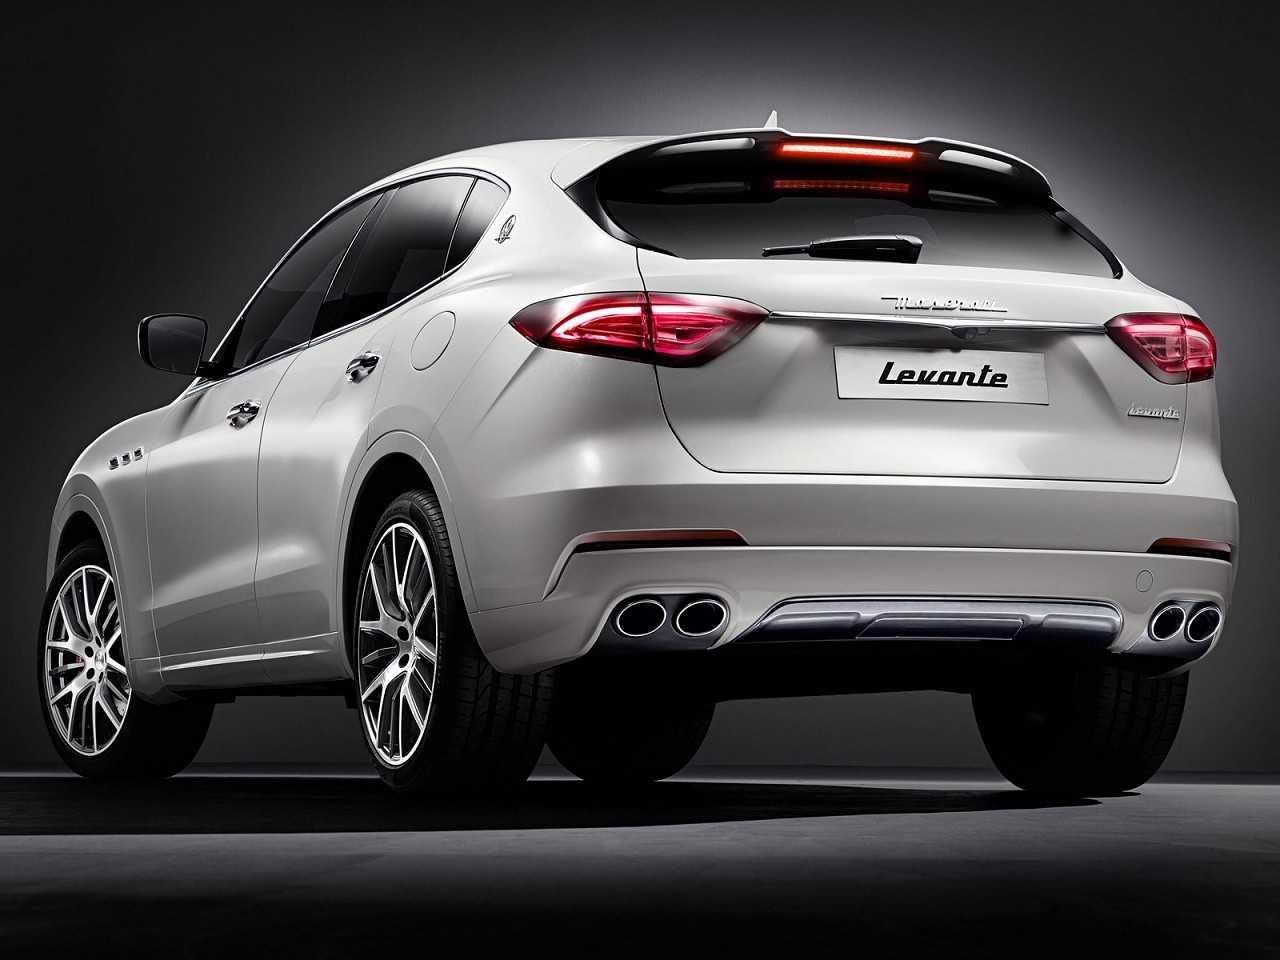 MaseratiLevante 2017 - ângulo traseiro